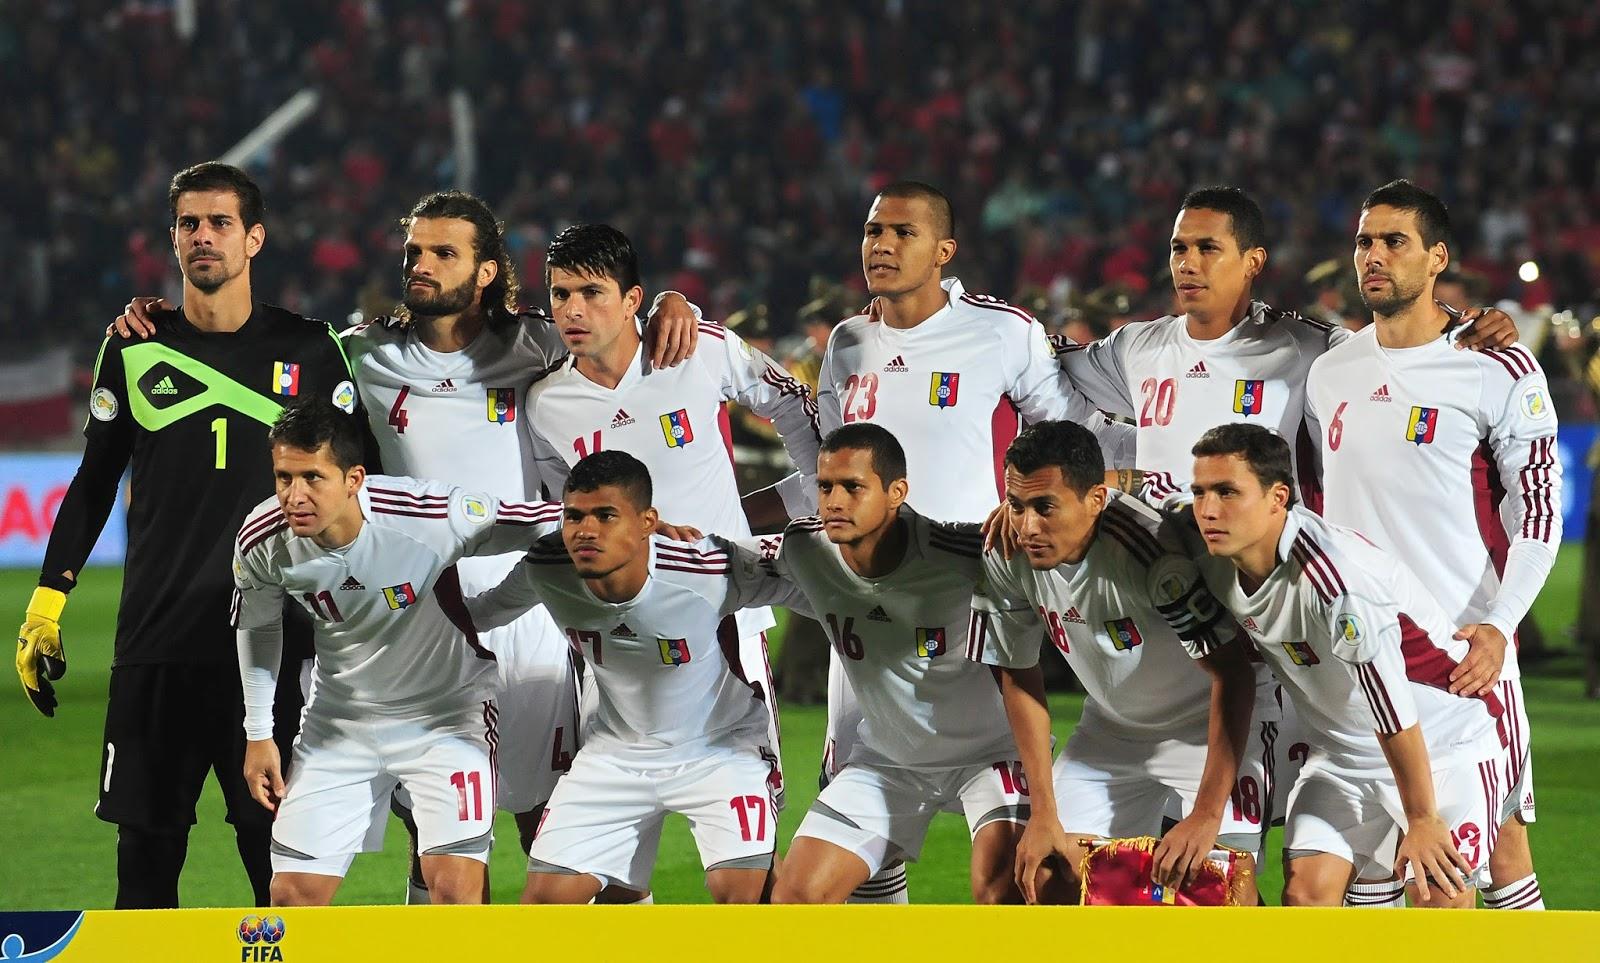 Formación de Venezuela ante Chile, Clasificatorias Brasil 2014, 6 de septiembre de 2013